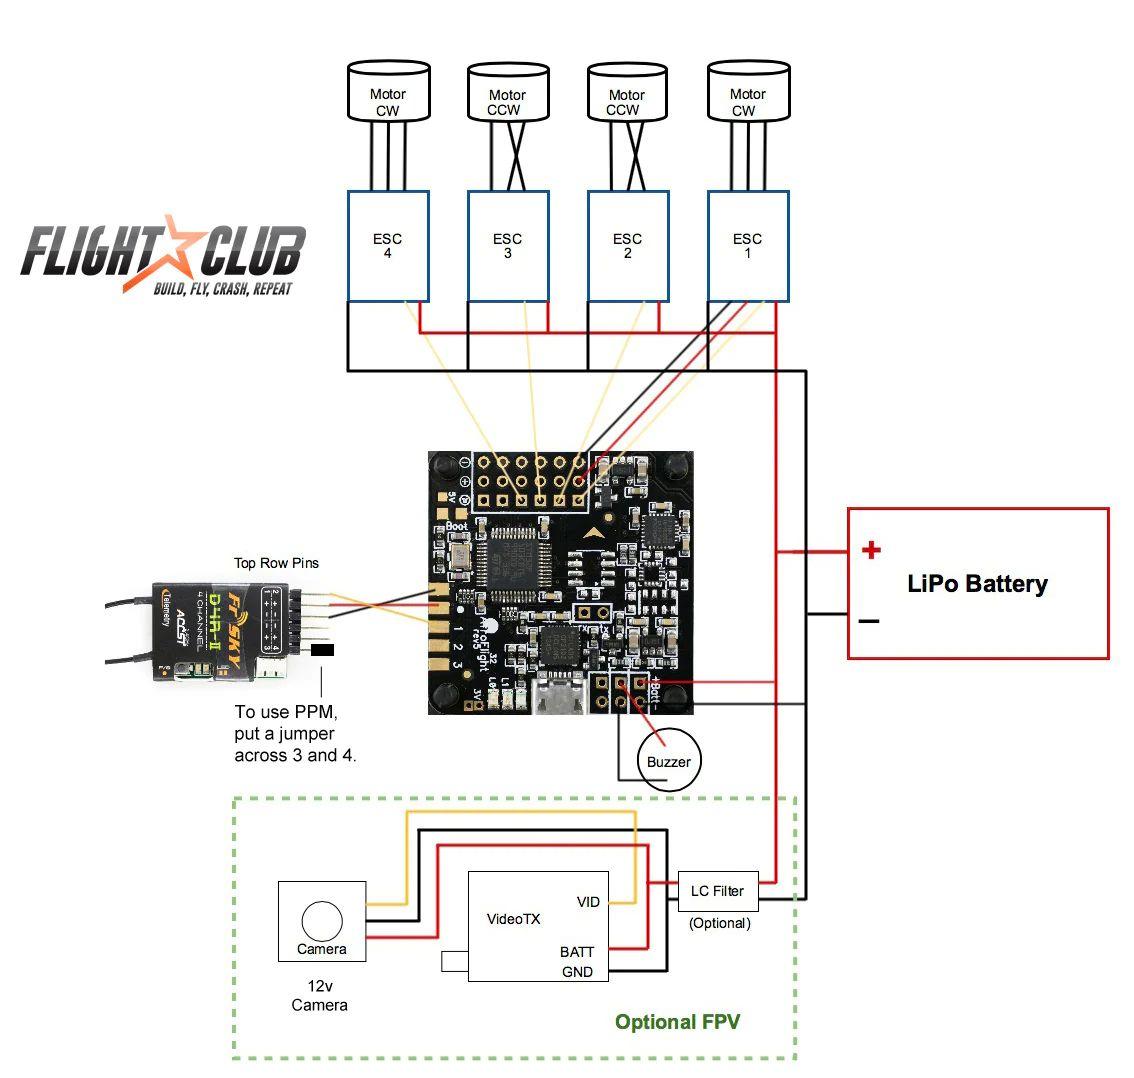 fpv quadcopter naze32 wiring diagram